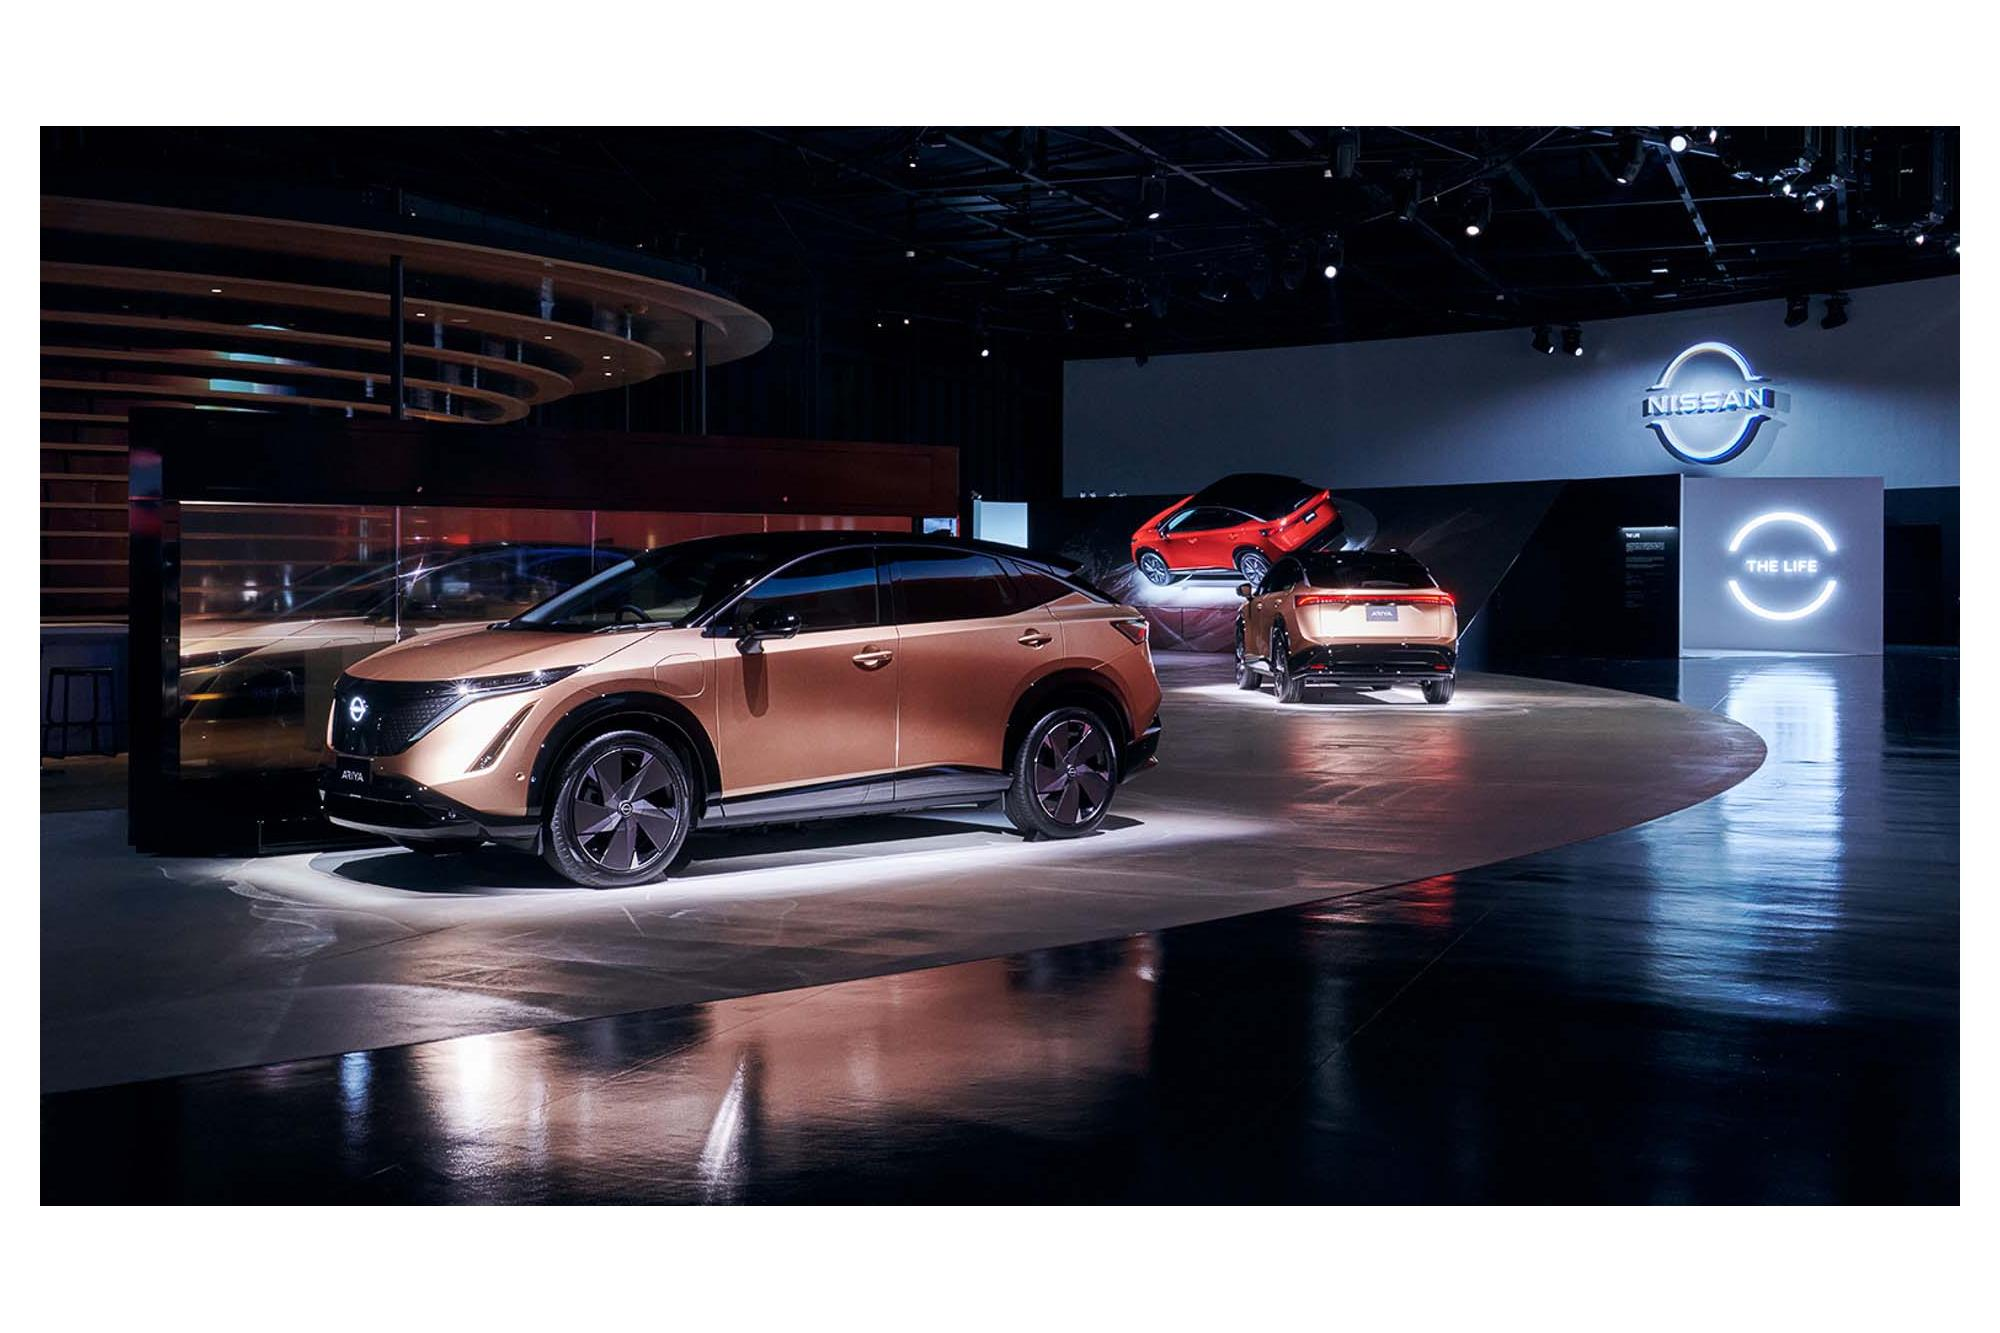 Η Nissan δέχεται ηλεκτρική ενέργεια ως πληρωμή για στάθμευση!